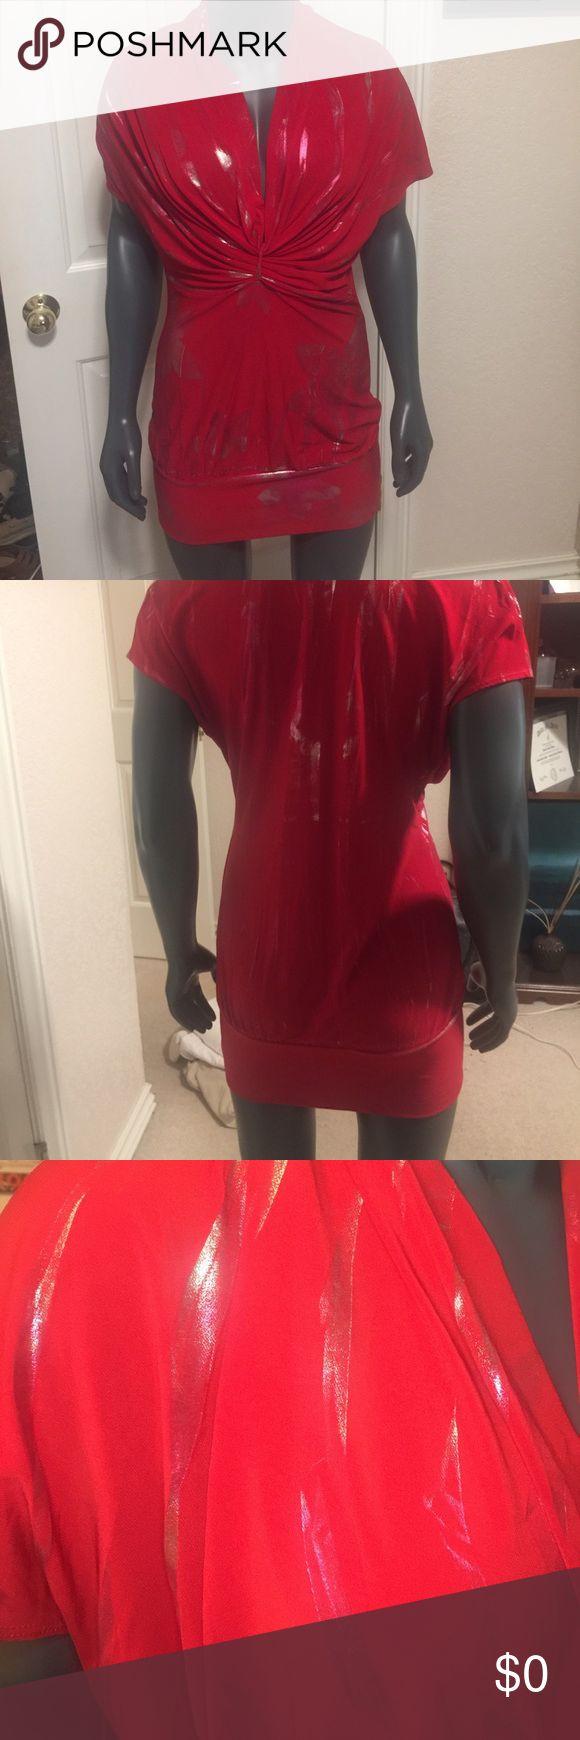 Red and Silver Mini Dress Red and Silver mini dress. Deep V front. Dresses Mini